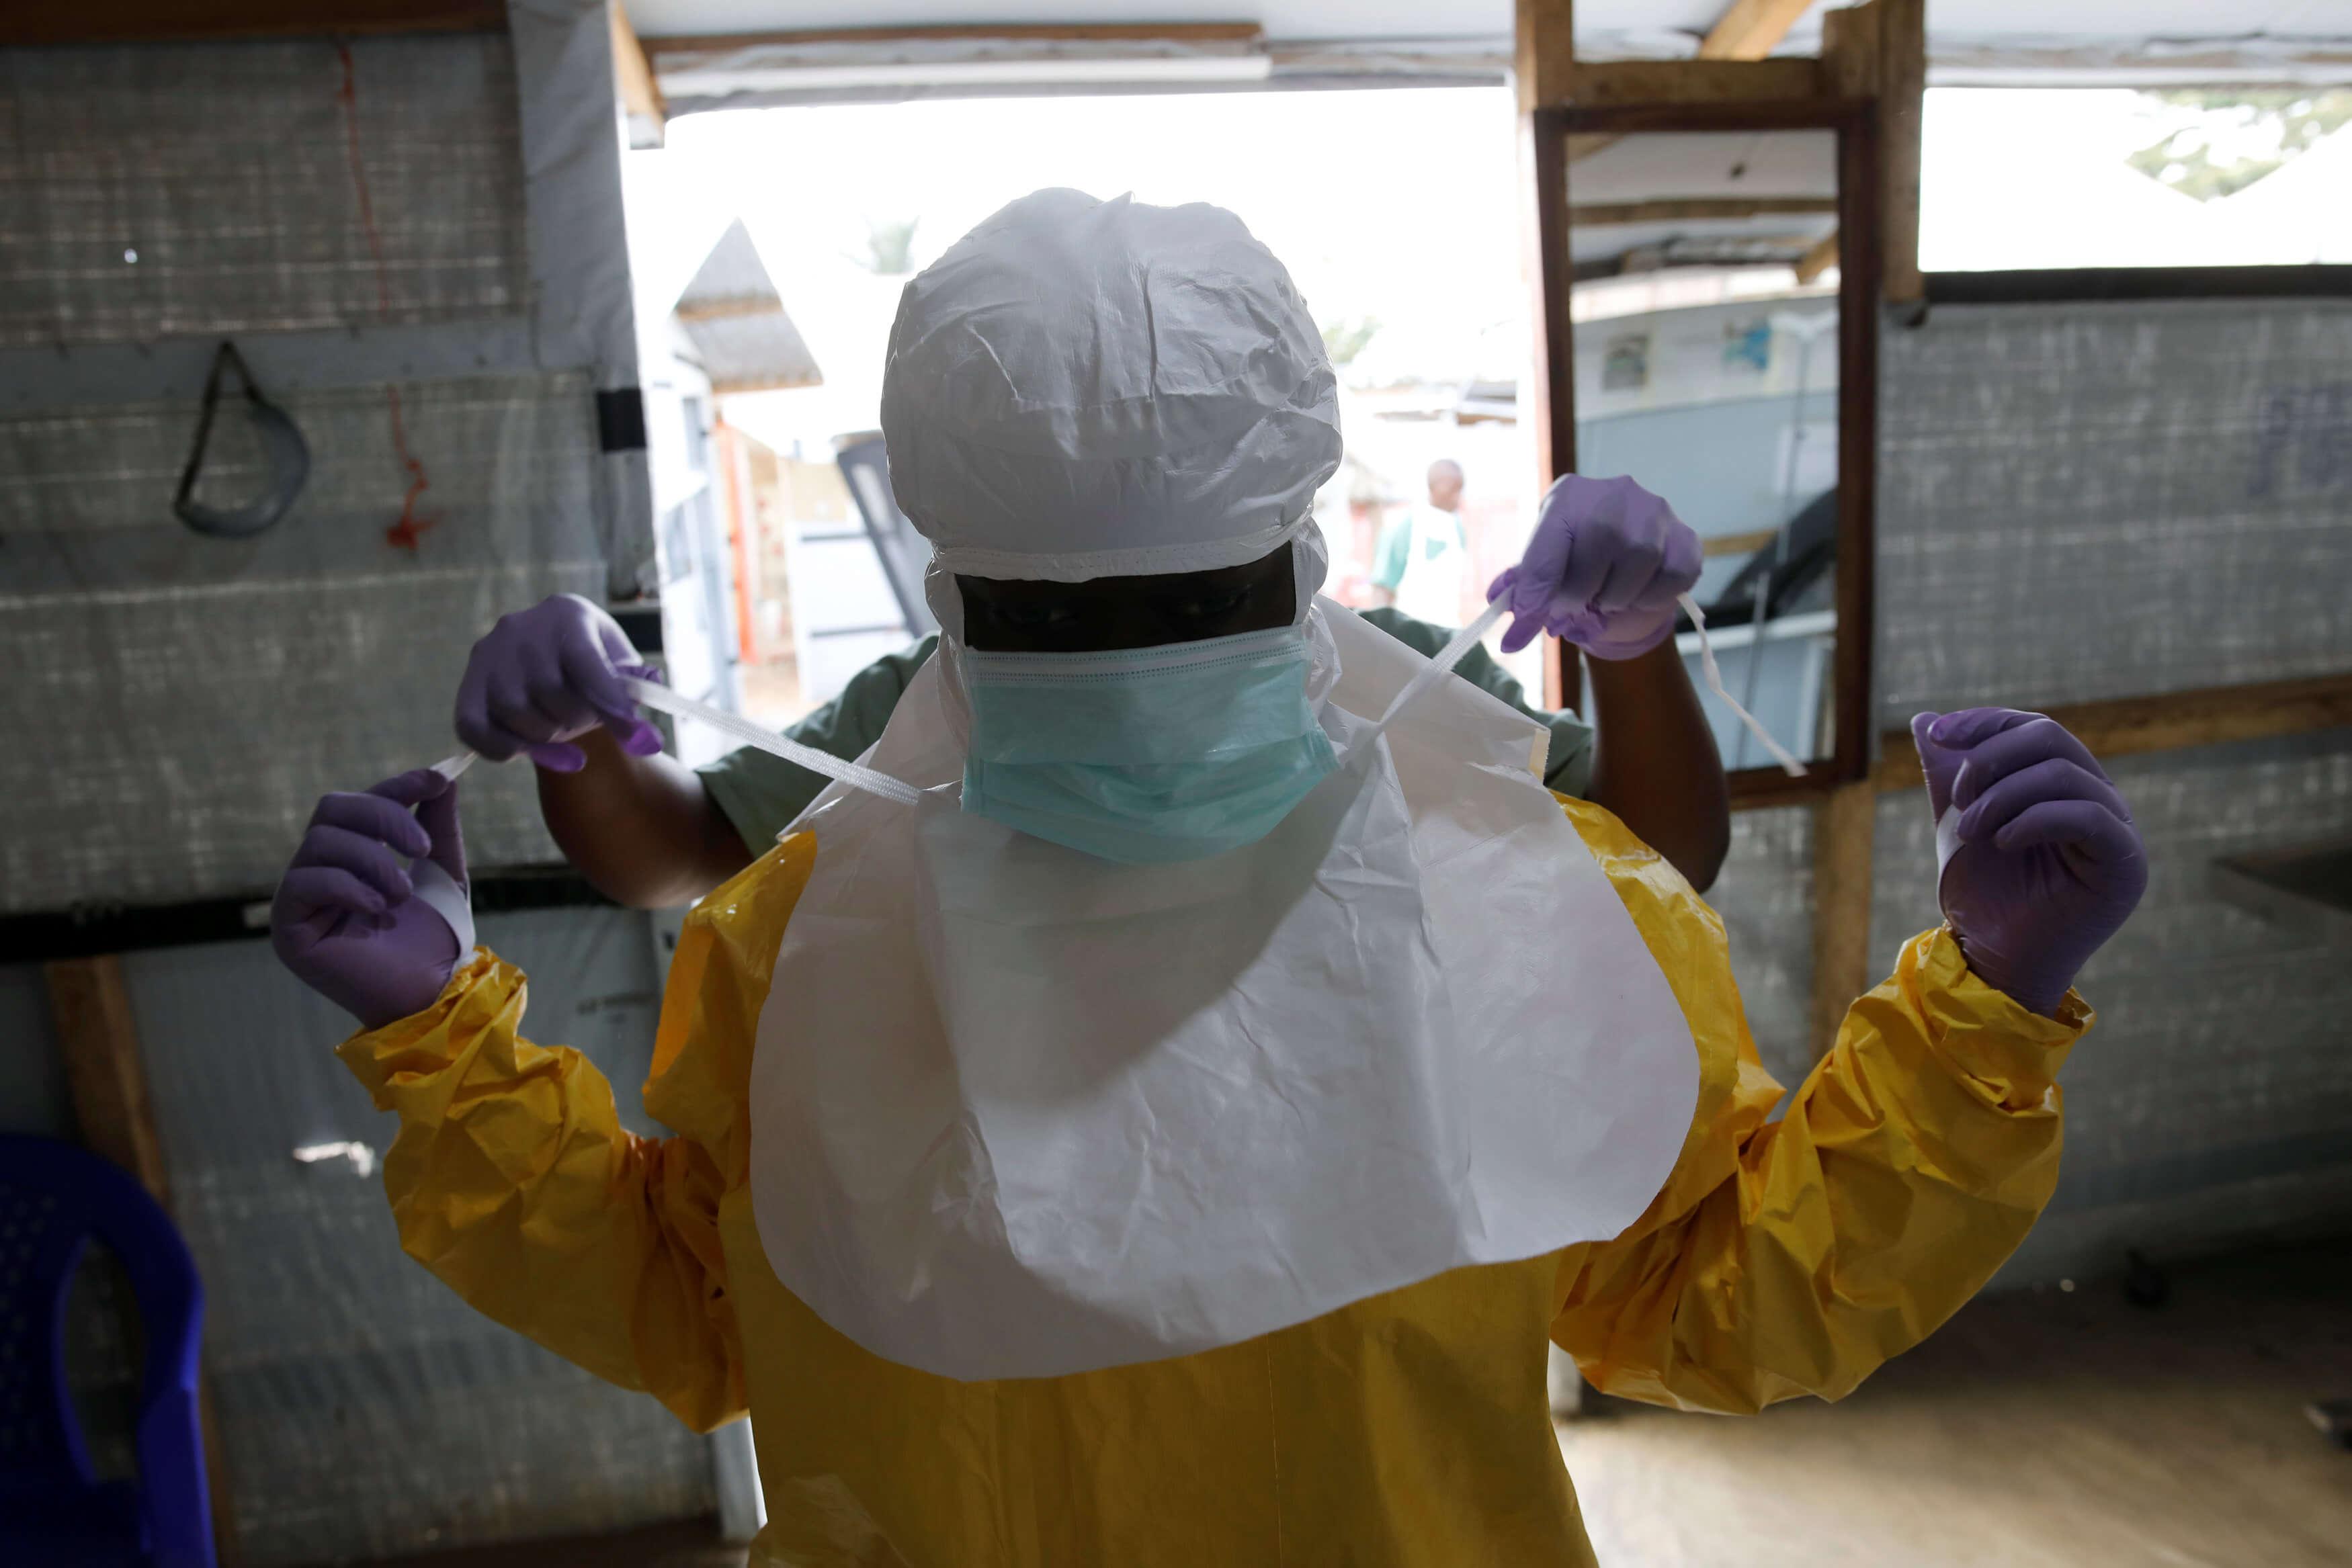 Ο Έμπολα απειλεί ξανά τη Γουινέα: Στέλνει βοήθεια ο ΠΟΥ